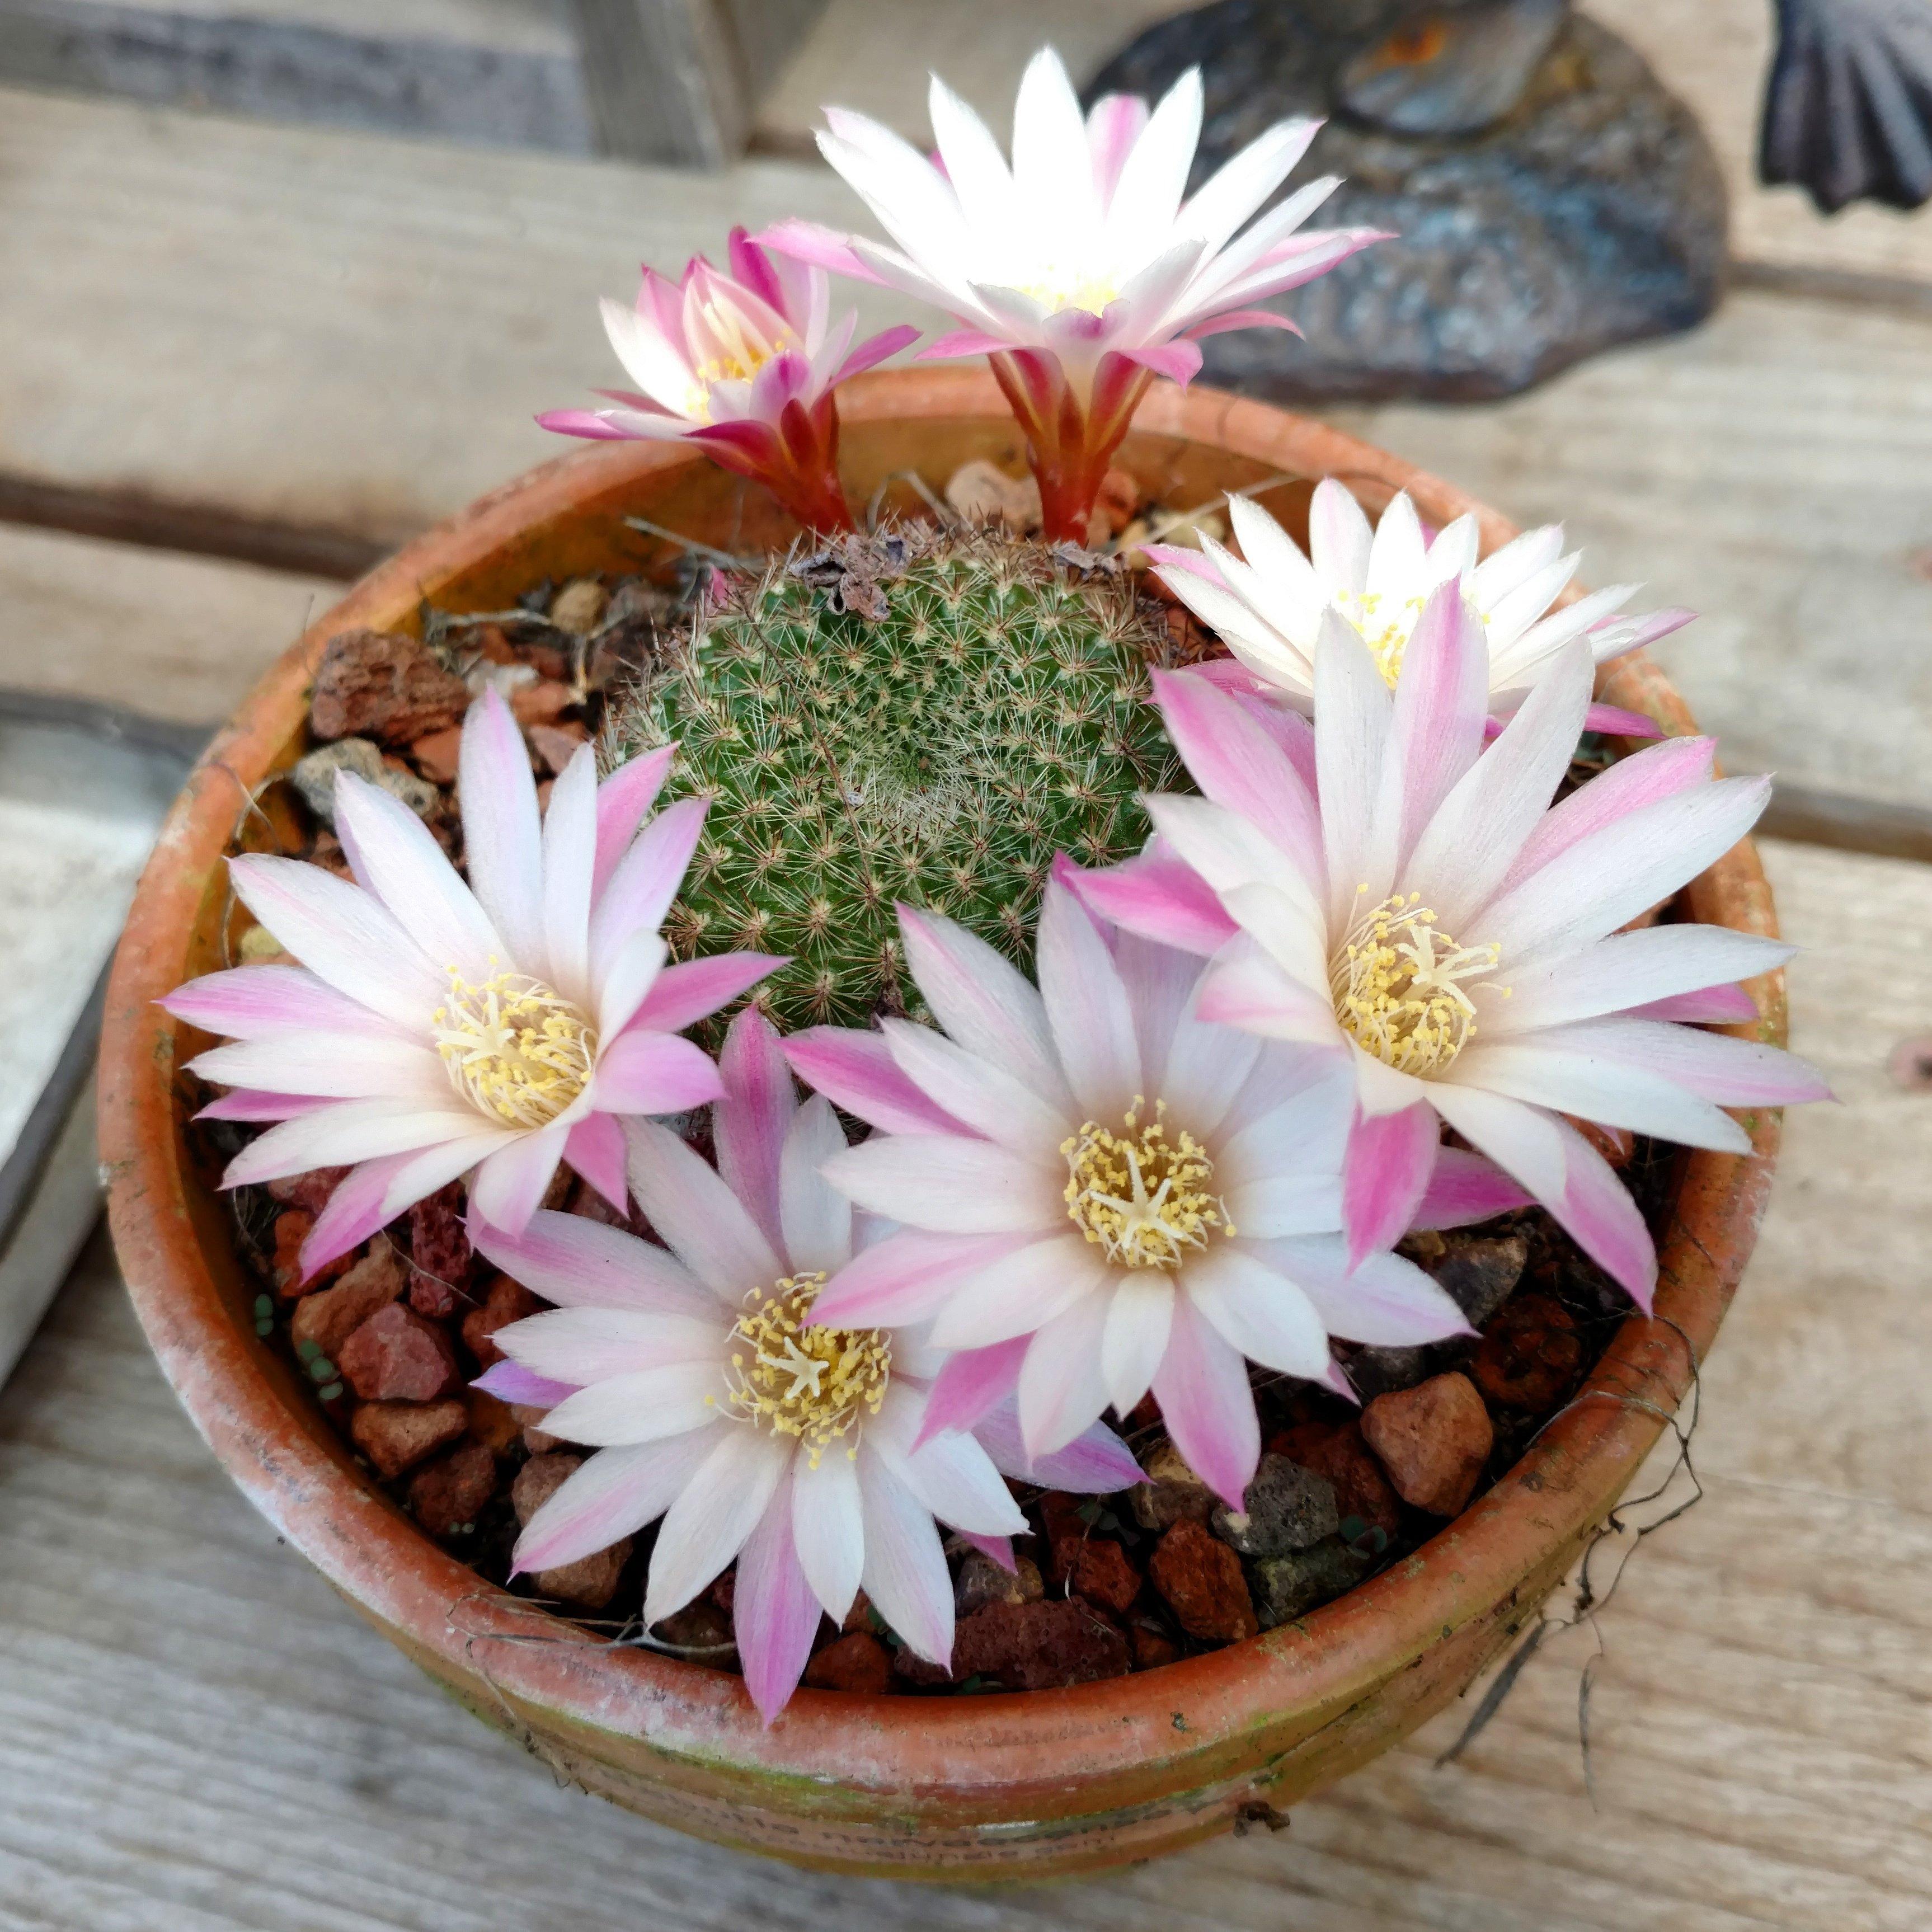 Spring Cactus Flowers Cactus Jungle